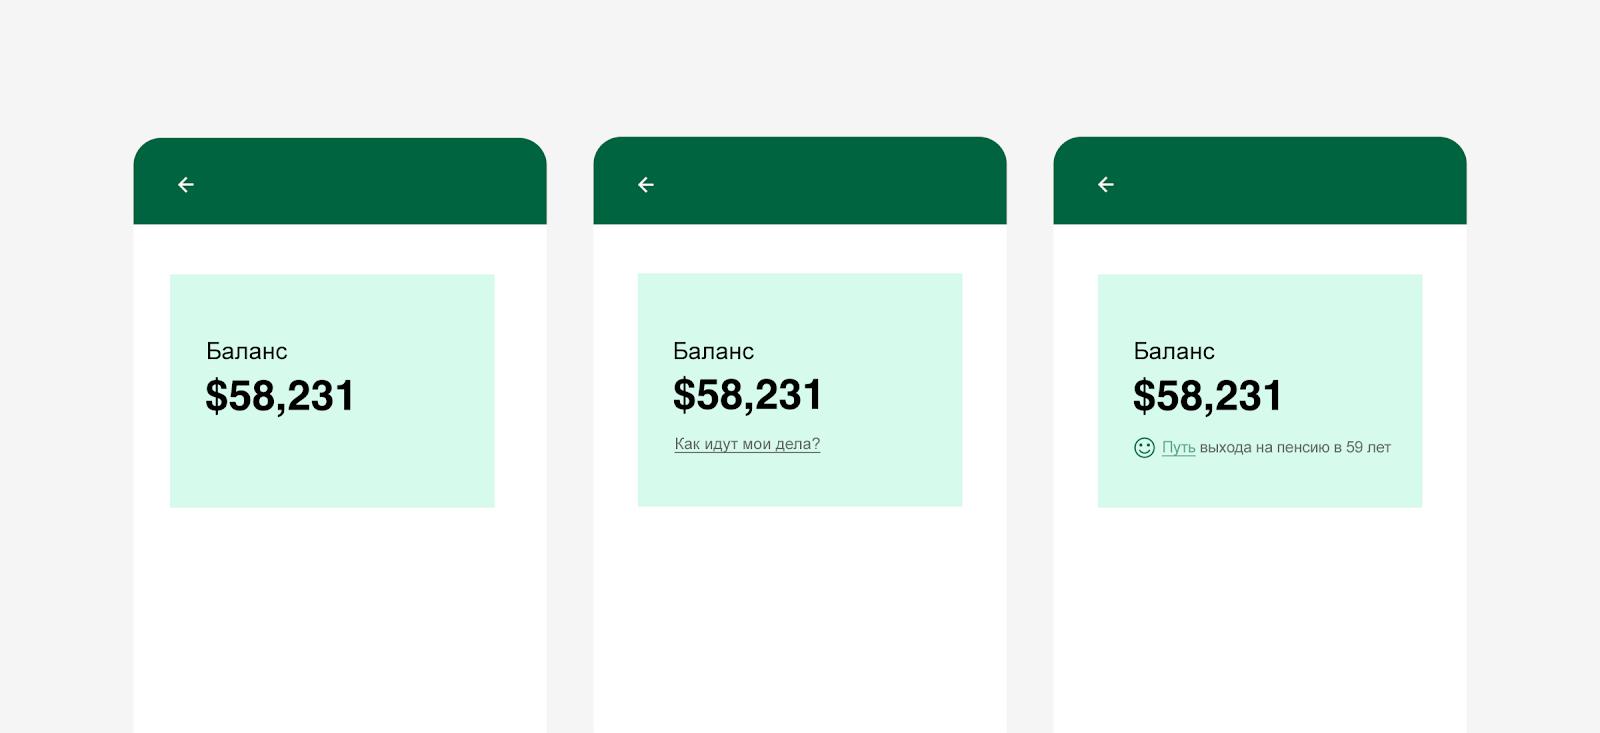 Без дополнительного контента интерфейс для инвестирования кажется простым. А вот описание может сделать его интересным или даже забавным